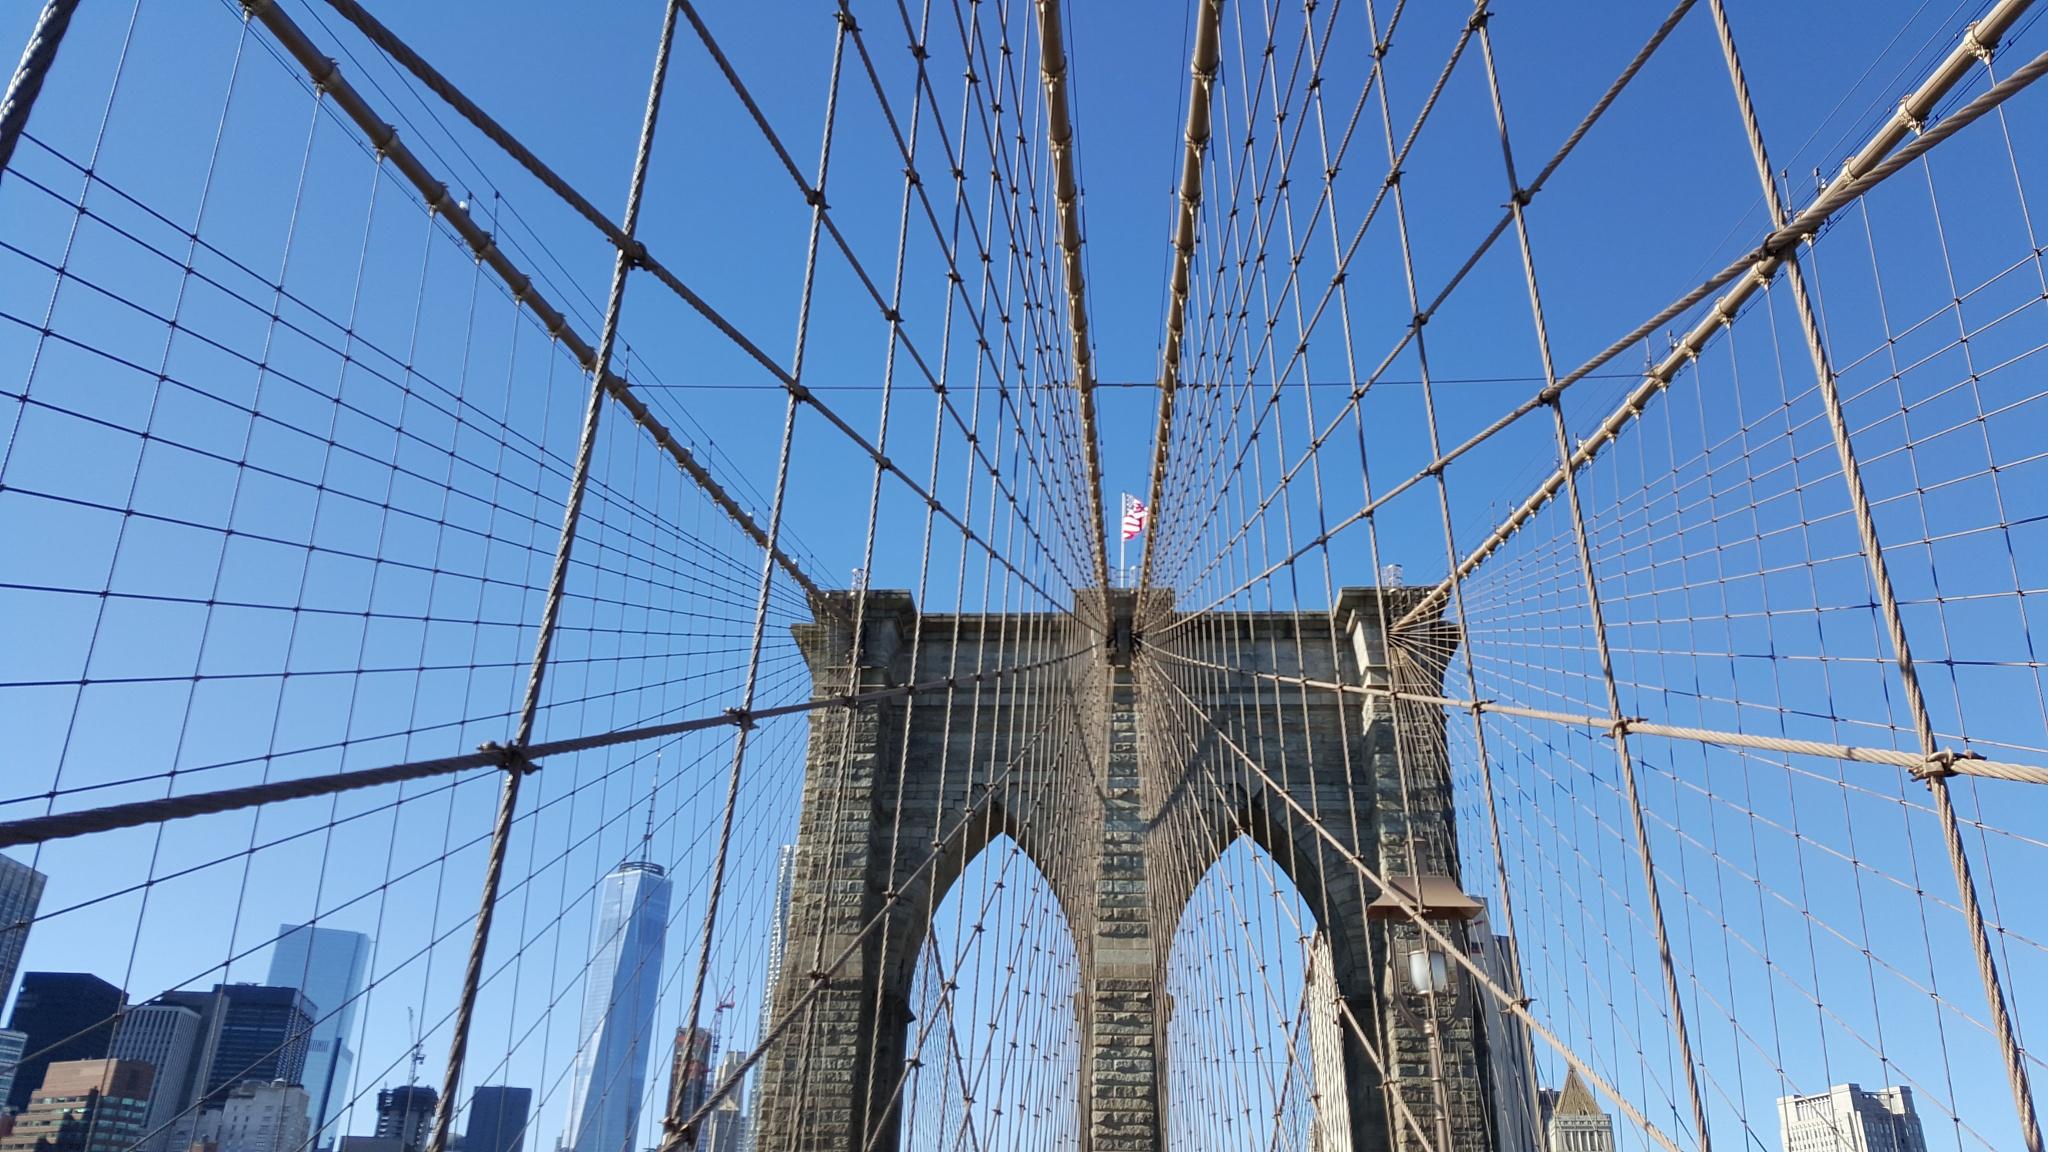 Brooklyn Bridge  by Roselene Dolce